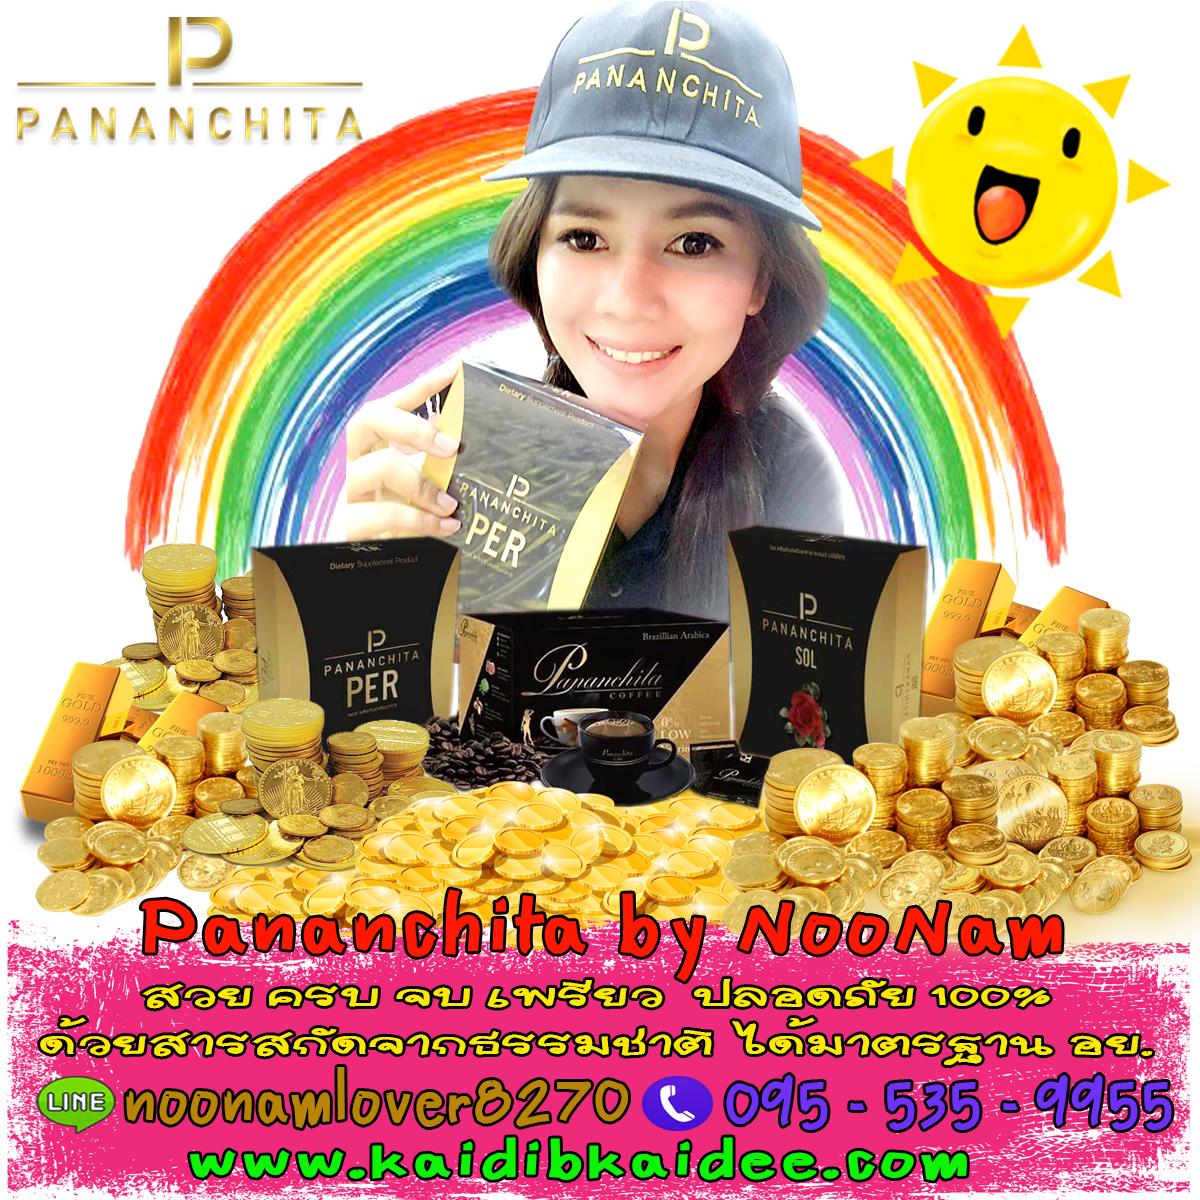 Pananchita coffee กาแฟอาราบิก้า เกรดพรีเมี่ยม รีวิวแน่นๆ คุณภาพเน้นๆ